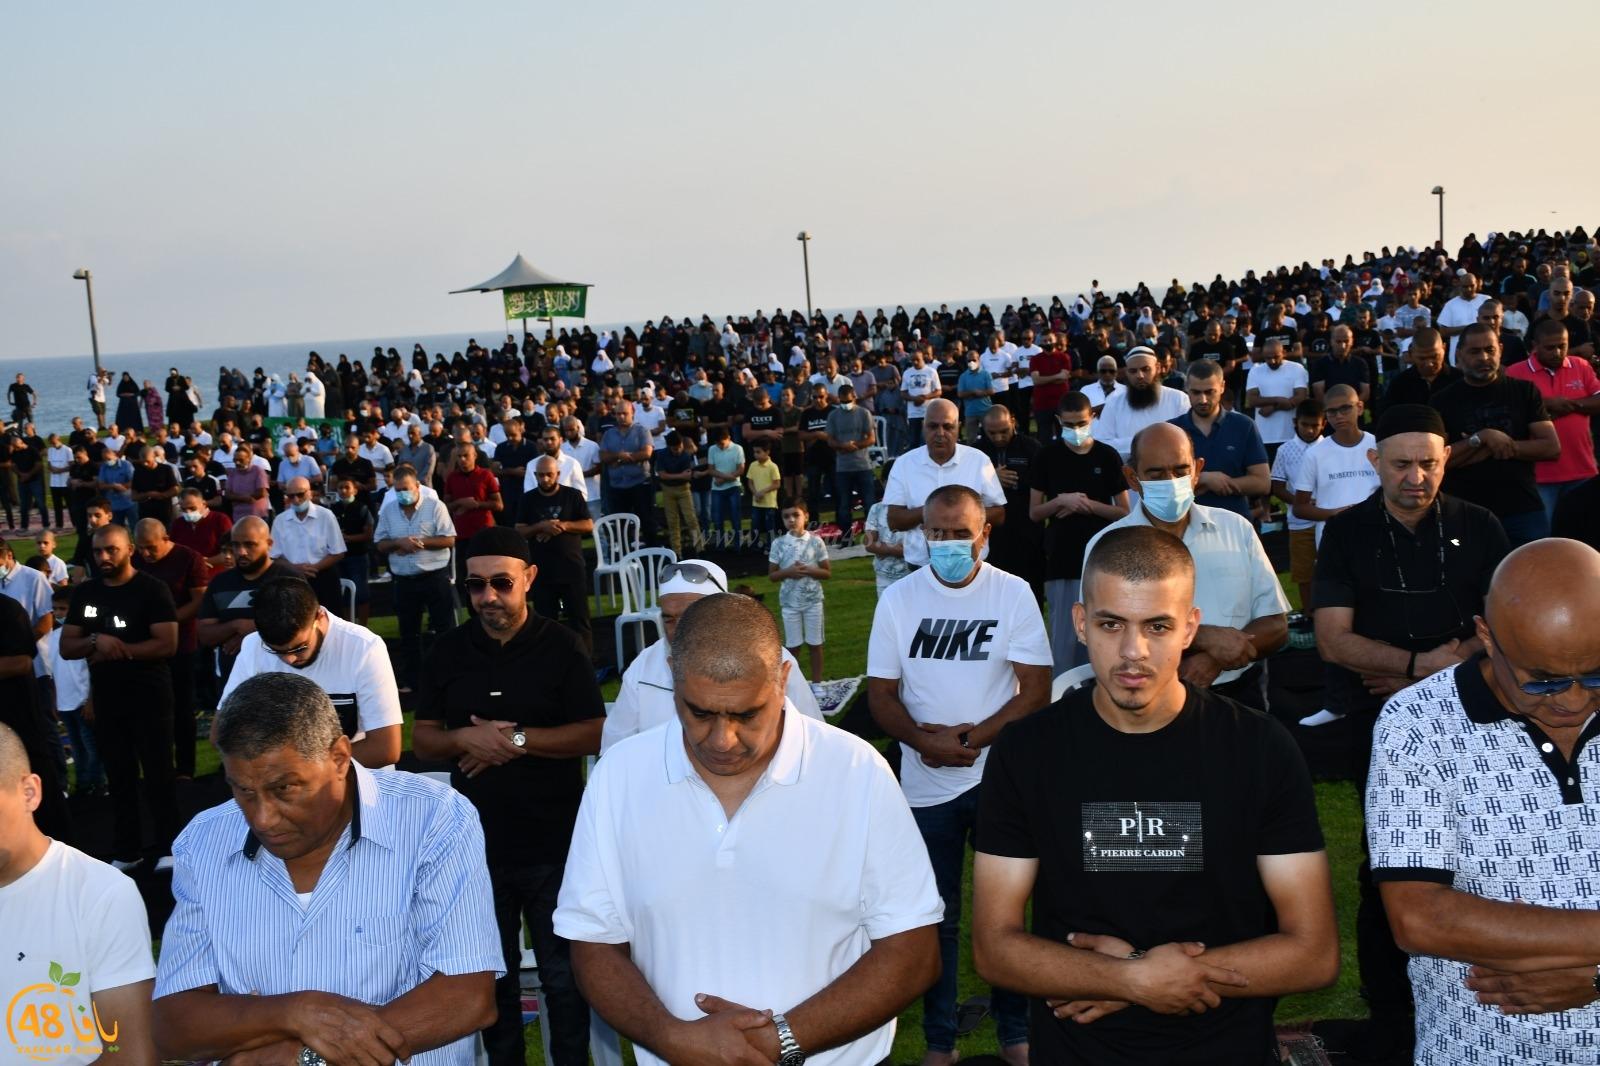 فيديو: أهالي يافا يؤدون صلاة عيد الأضحى المبارك في متنزه العجمي